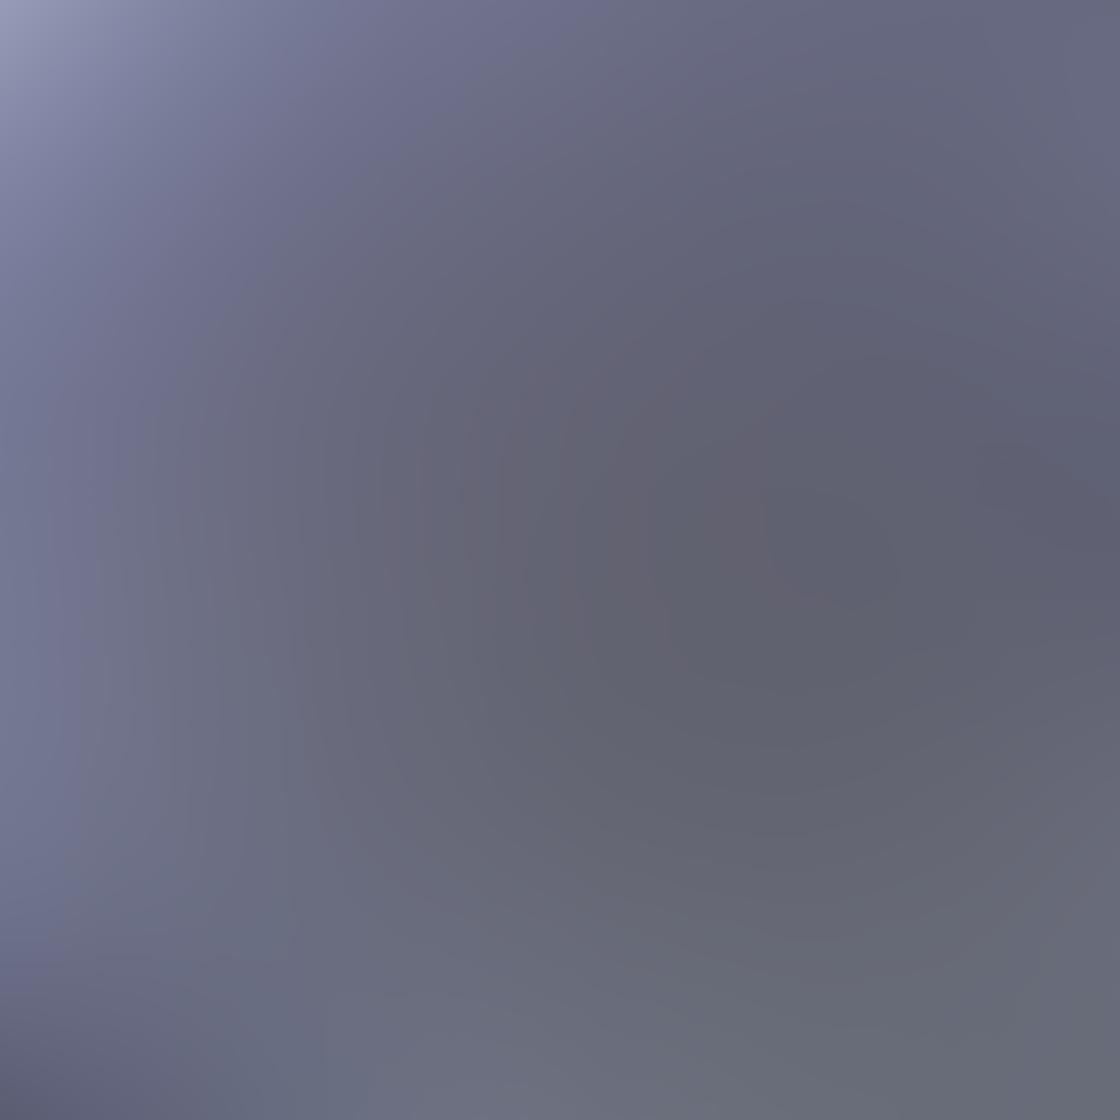 iPhone Photos Texture 7